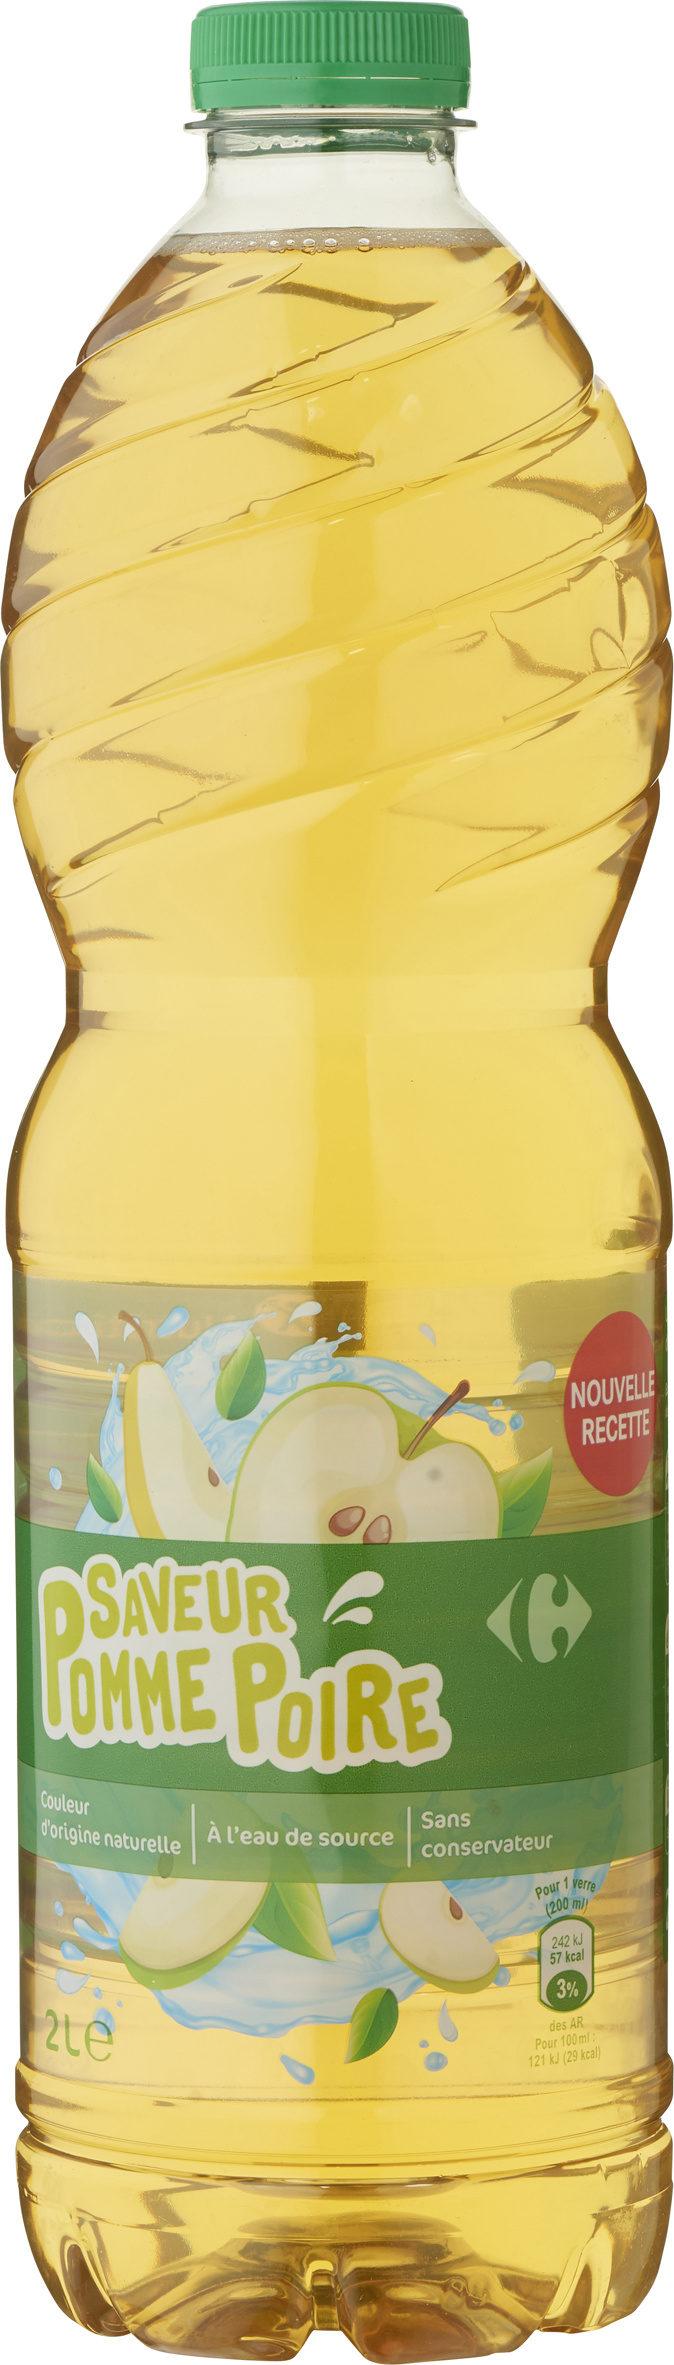 Saveur  pomme poire - Produit - fr